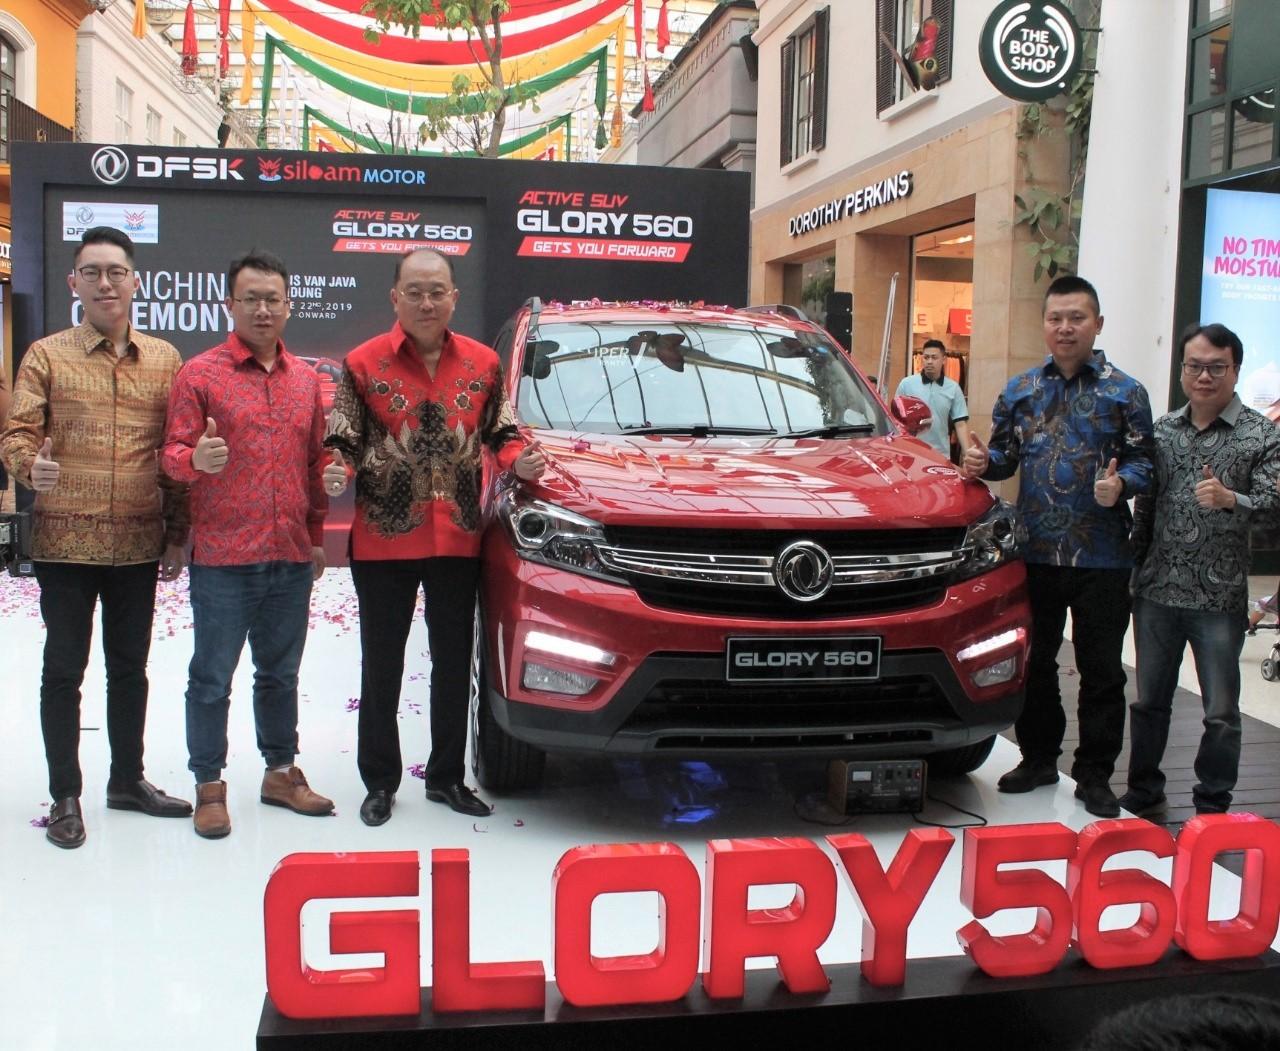 DFSK Glory 560 Idola Baru Warga Bandung - [en]